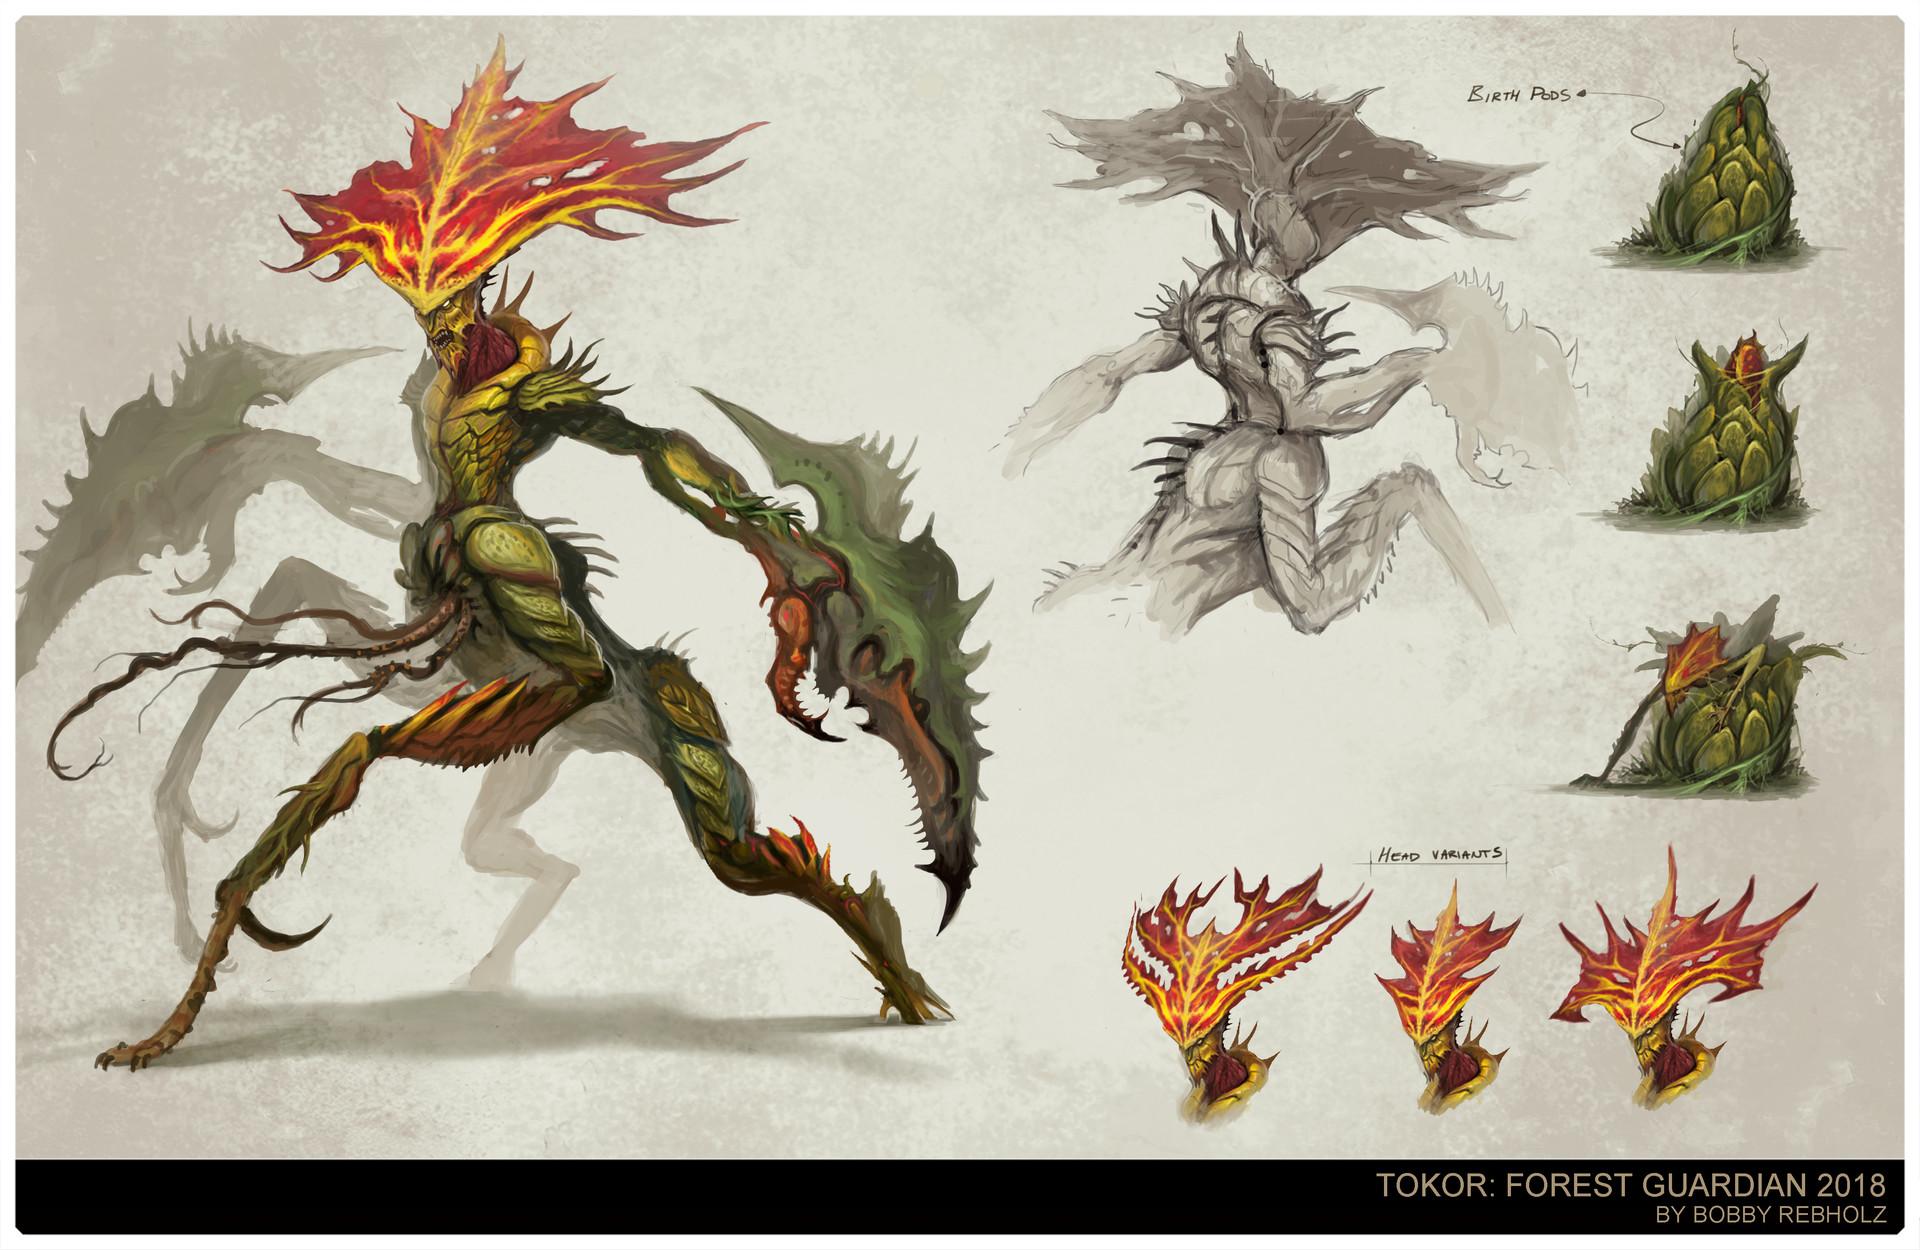 Bobby rebholz leafwarrior